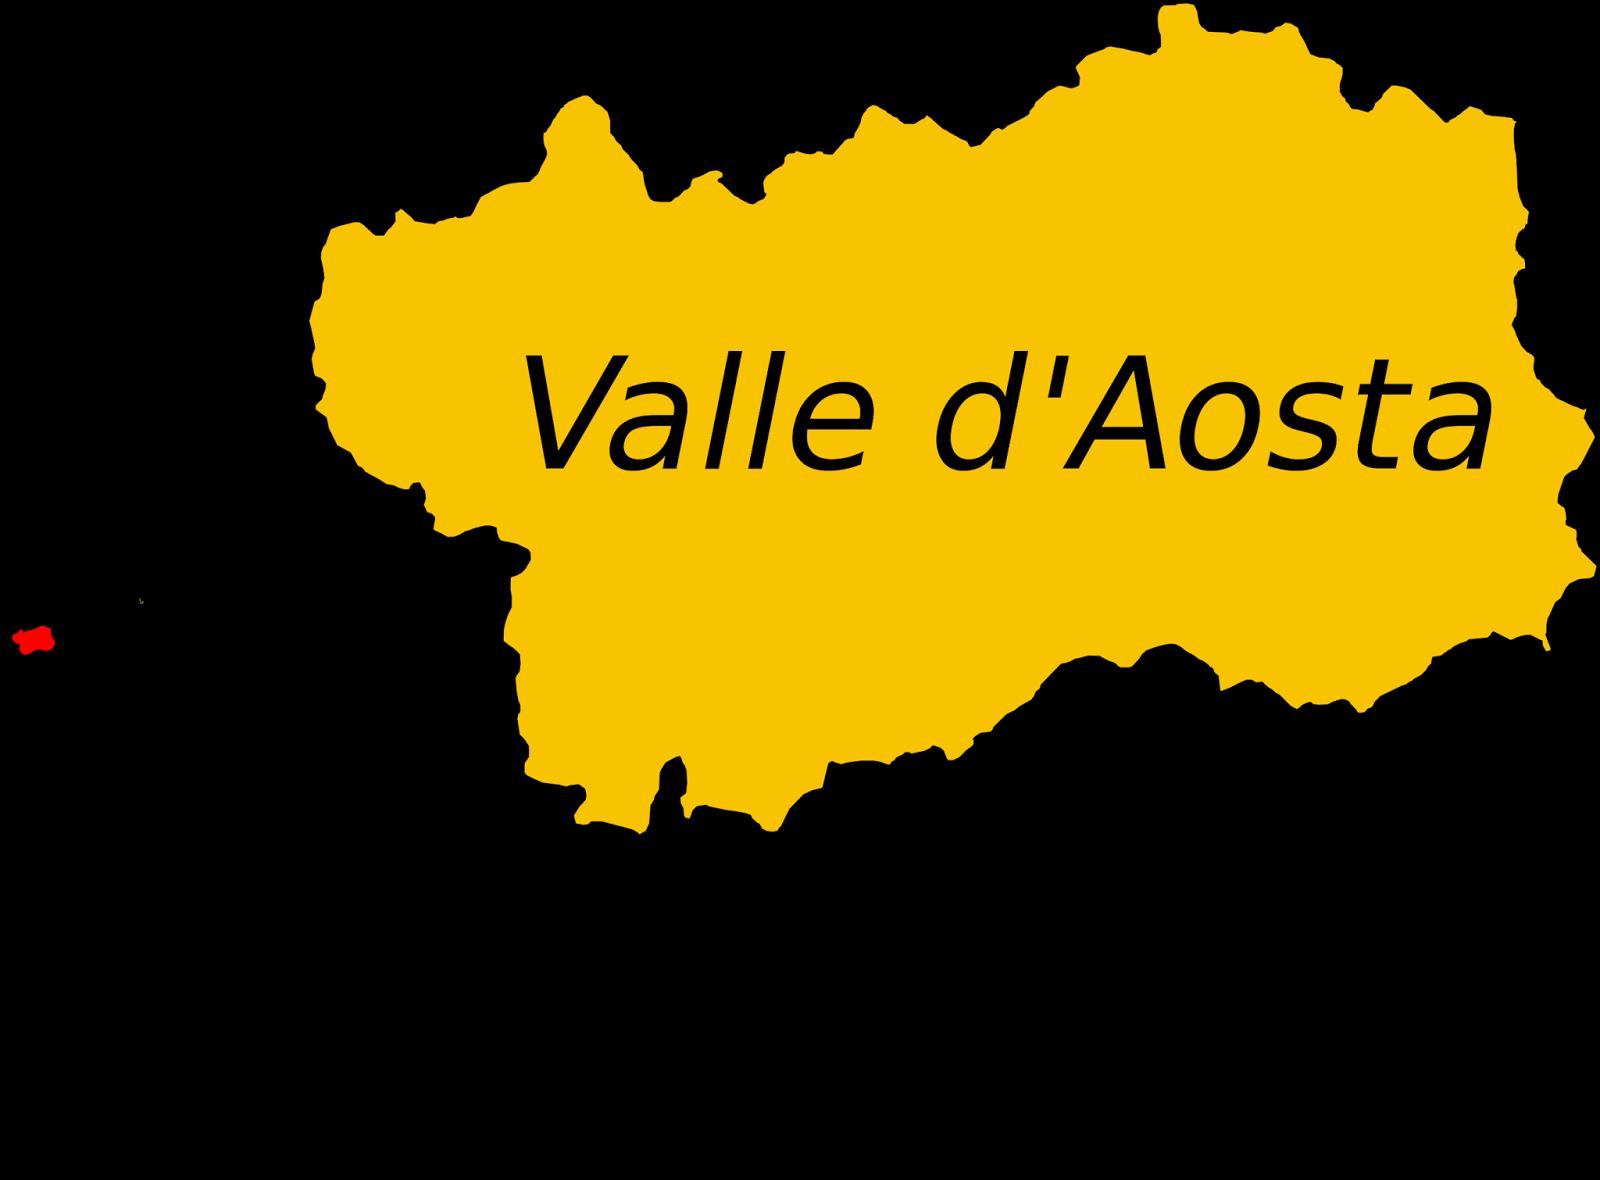 Cartina Della Valle D Aosta Politica.La Valle D Aosta Caratteristiche Storia Economia E Risorse